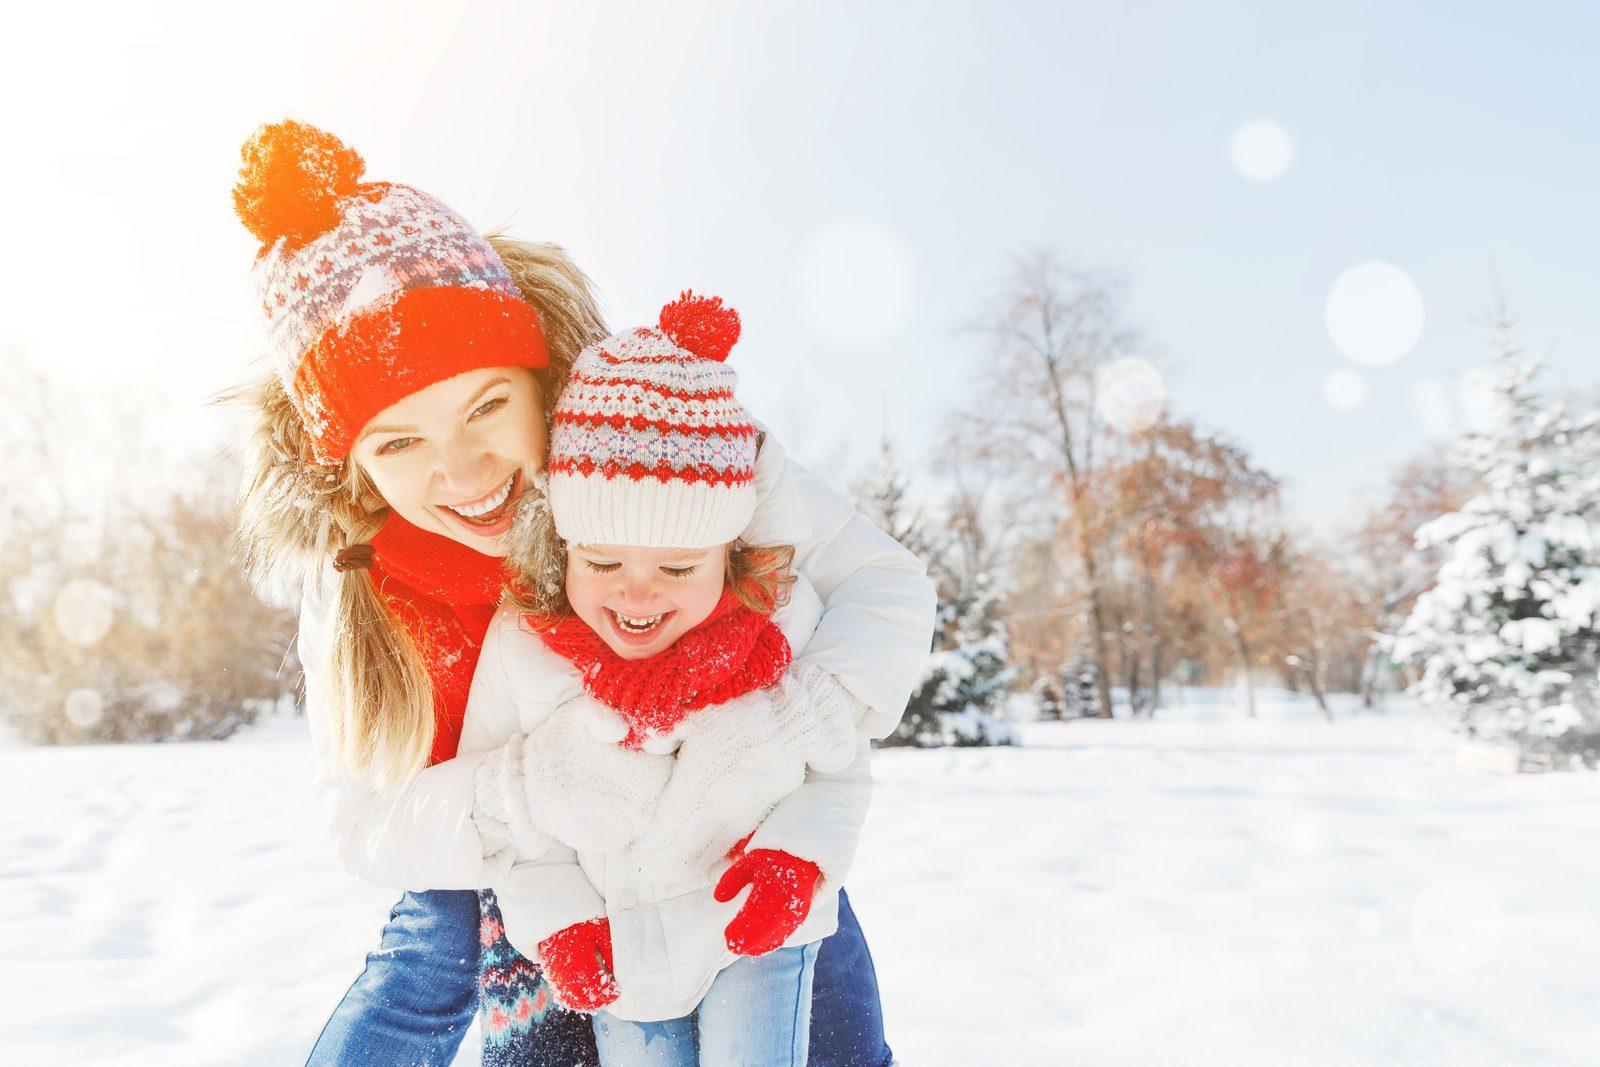 Geniet van het mooie winterse landschap in Zuid-Limburg